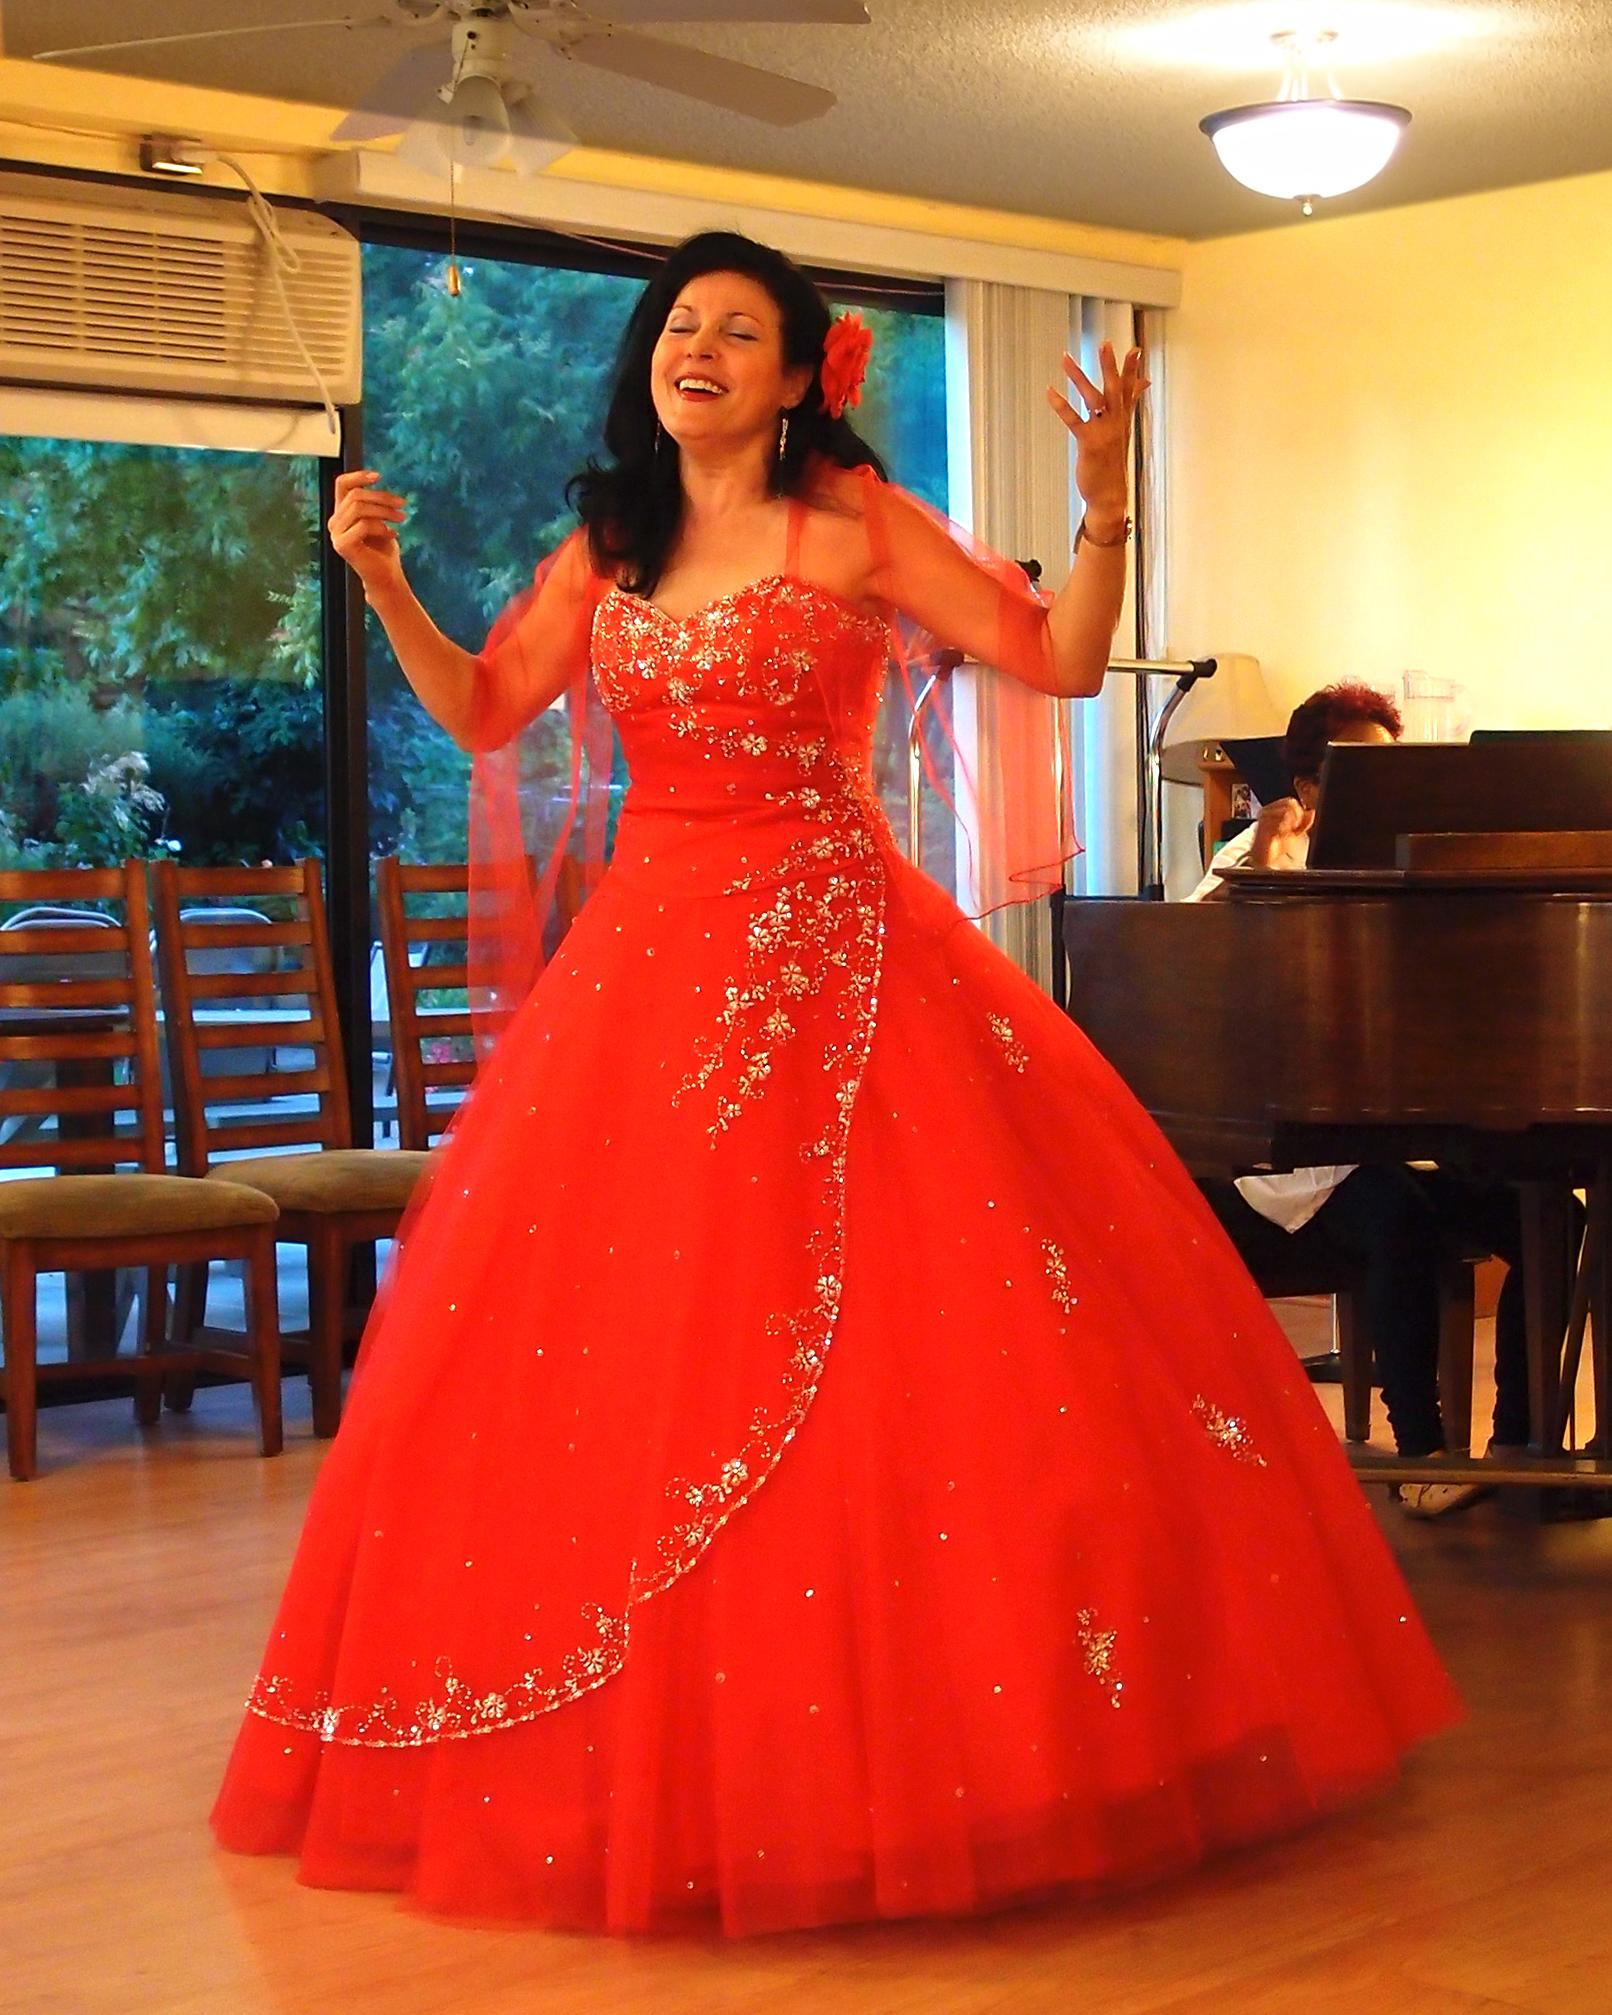 Menorah as Carmen